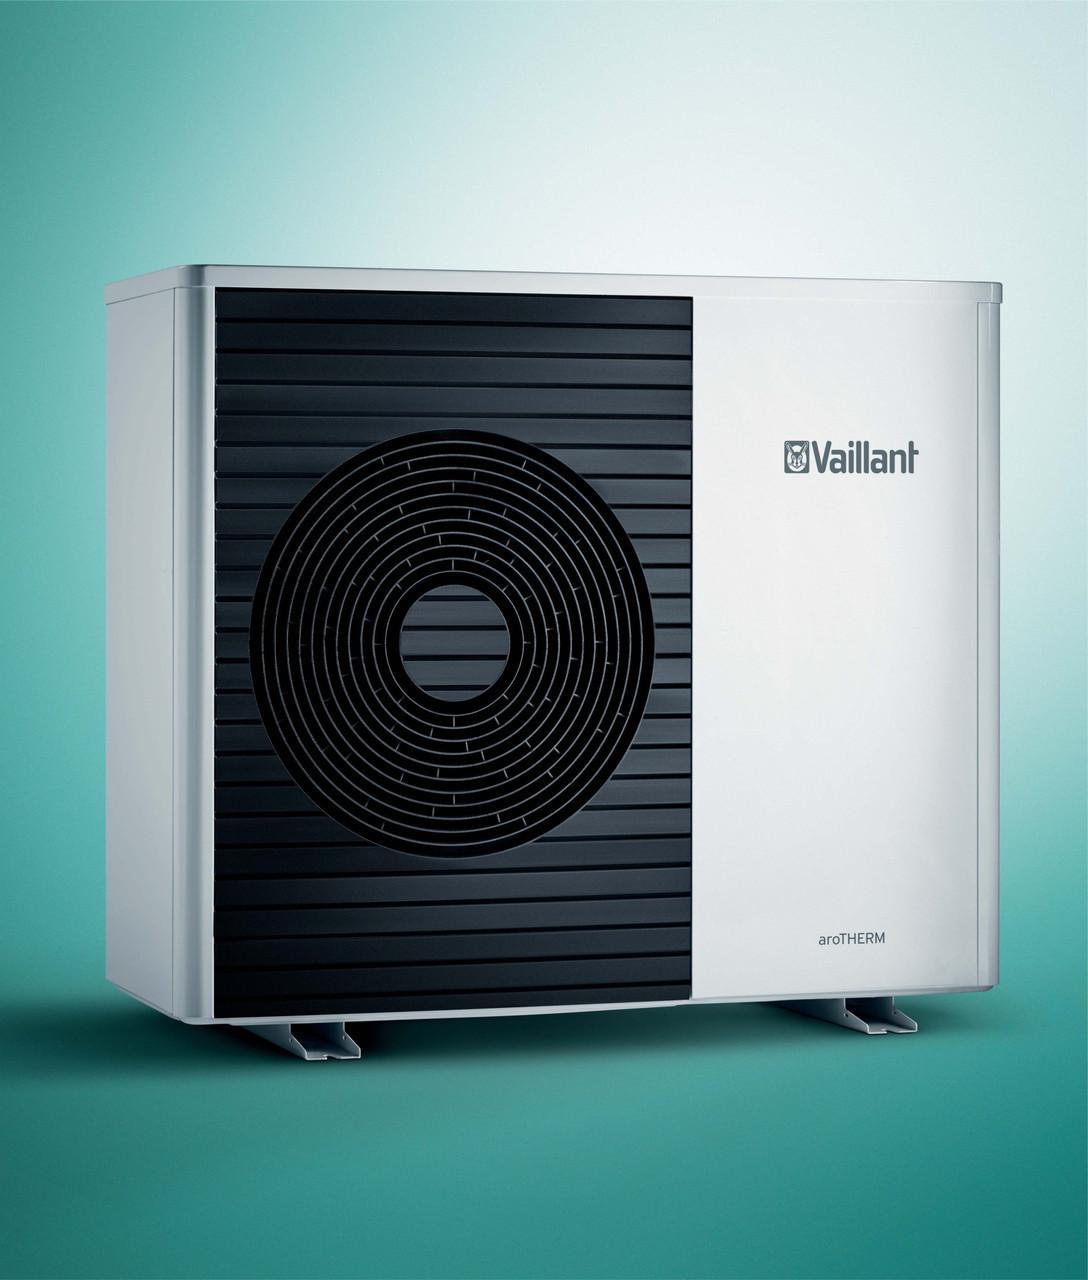 Тепловой насос для отопления, горячего водоснабжения и охлаждения Vaillant aroTHERM split VWL 125/5 AS 230V